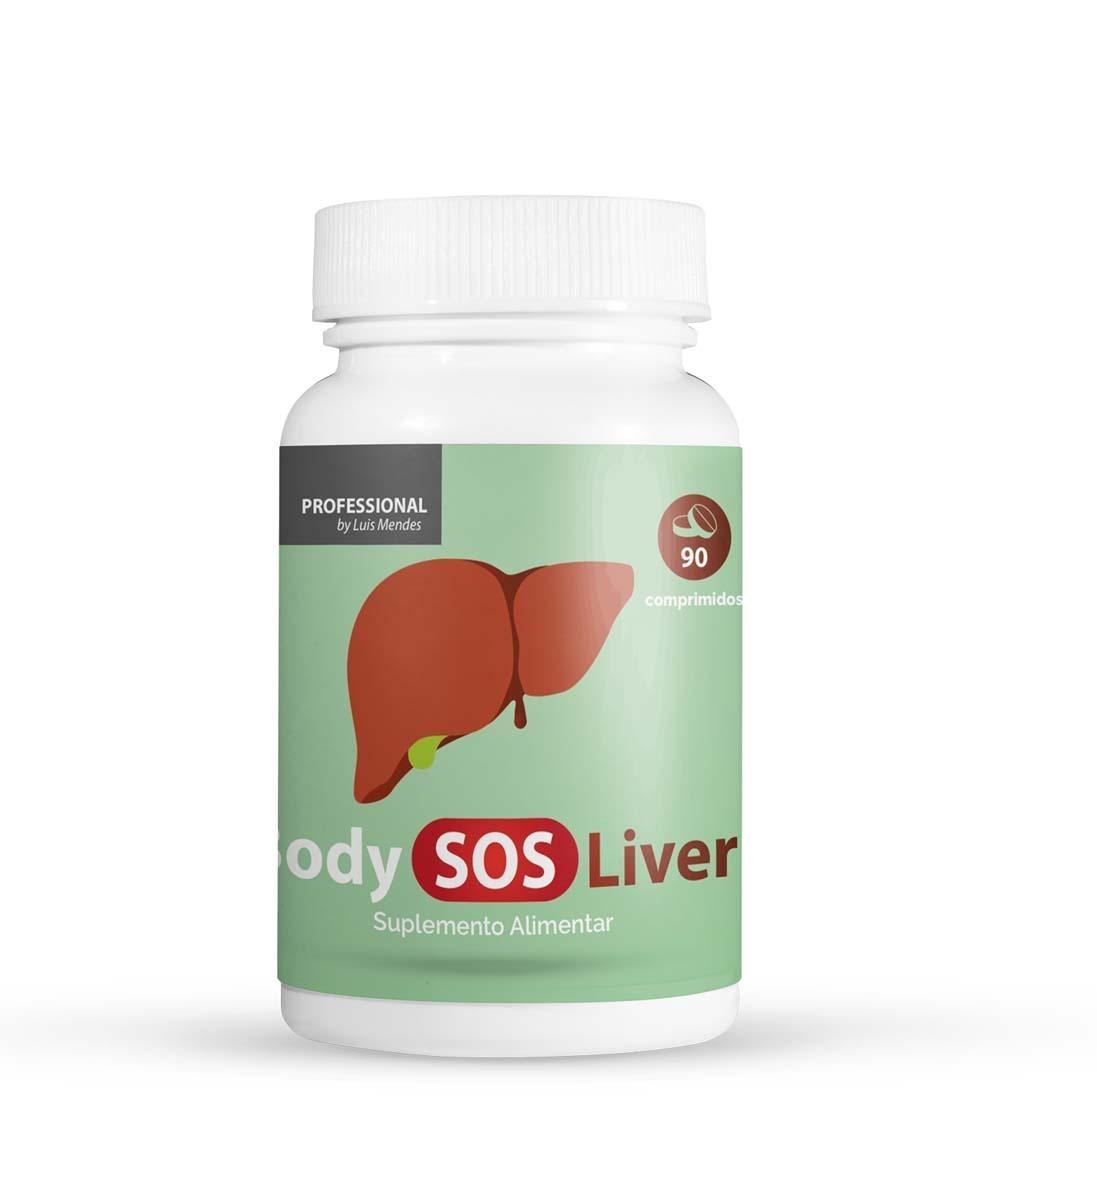 Body Sos Liver